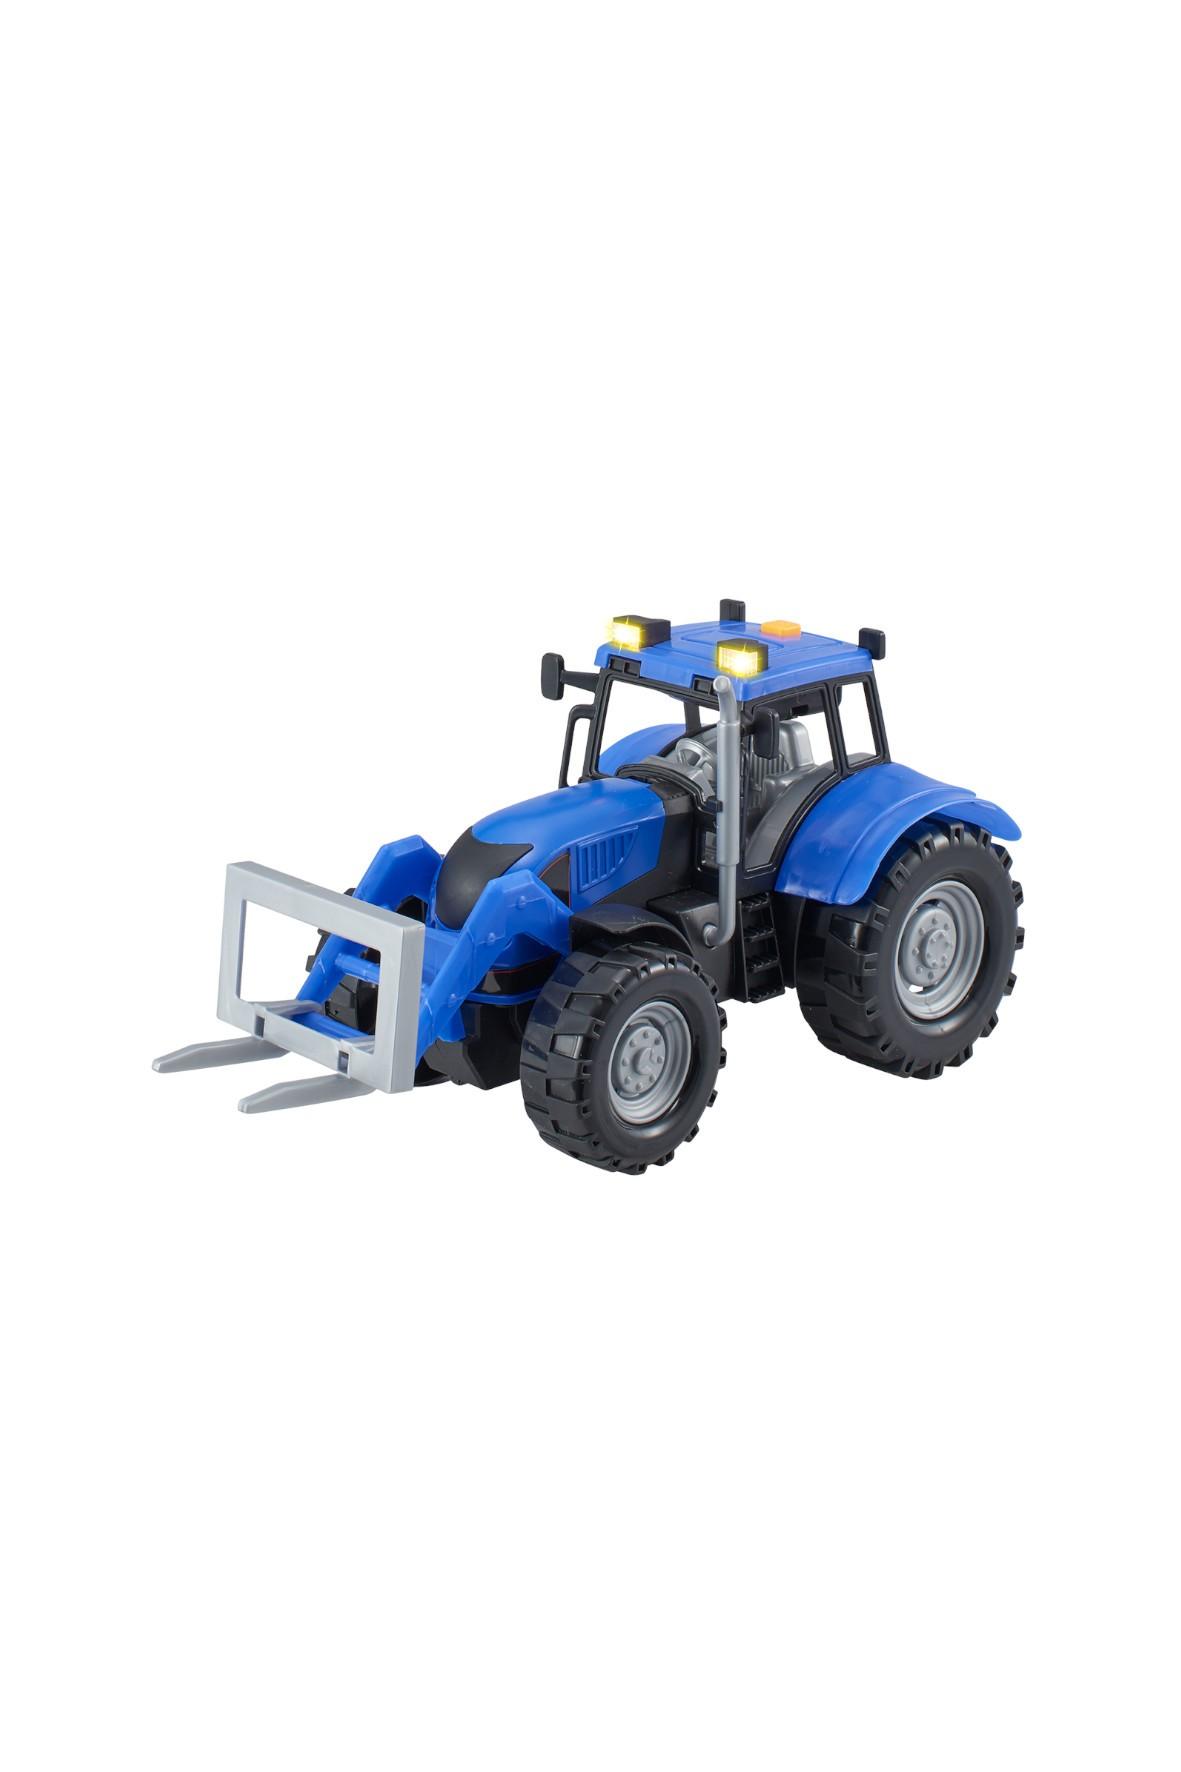 Agro pojazdy - Traktor z akcesoriami niebieski wiek 3+